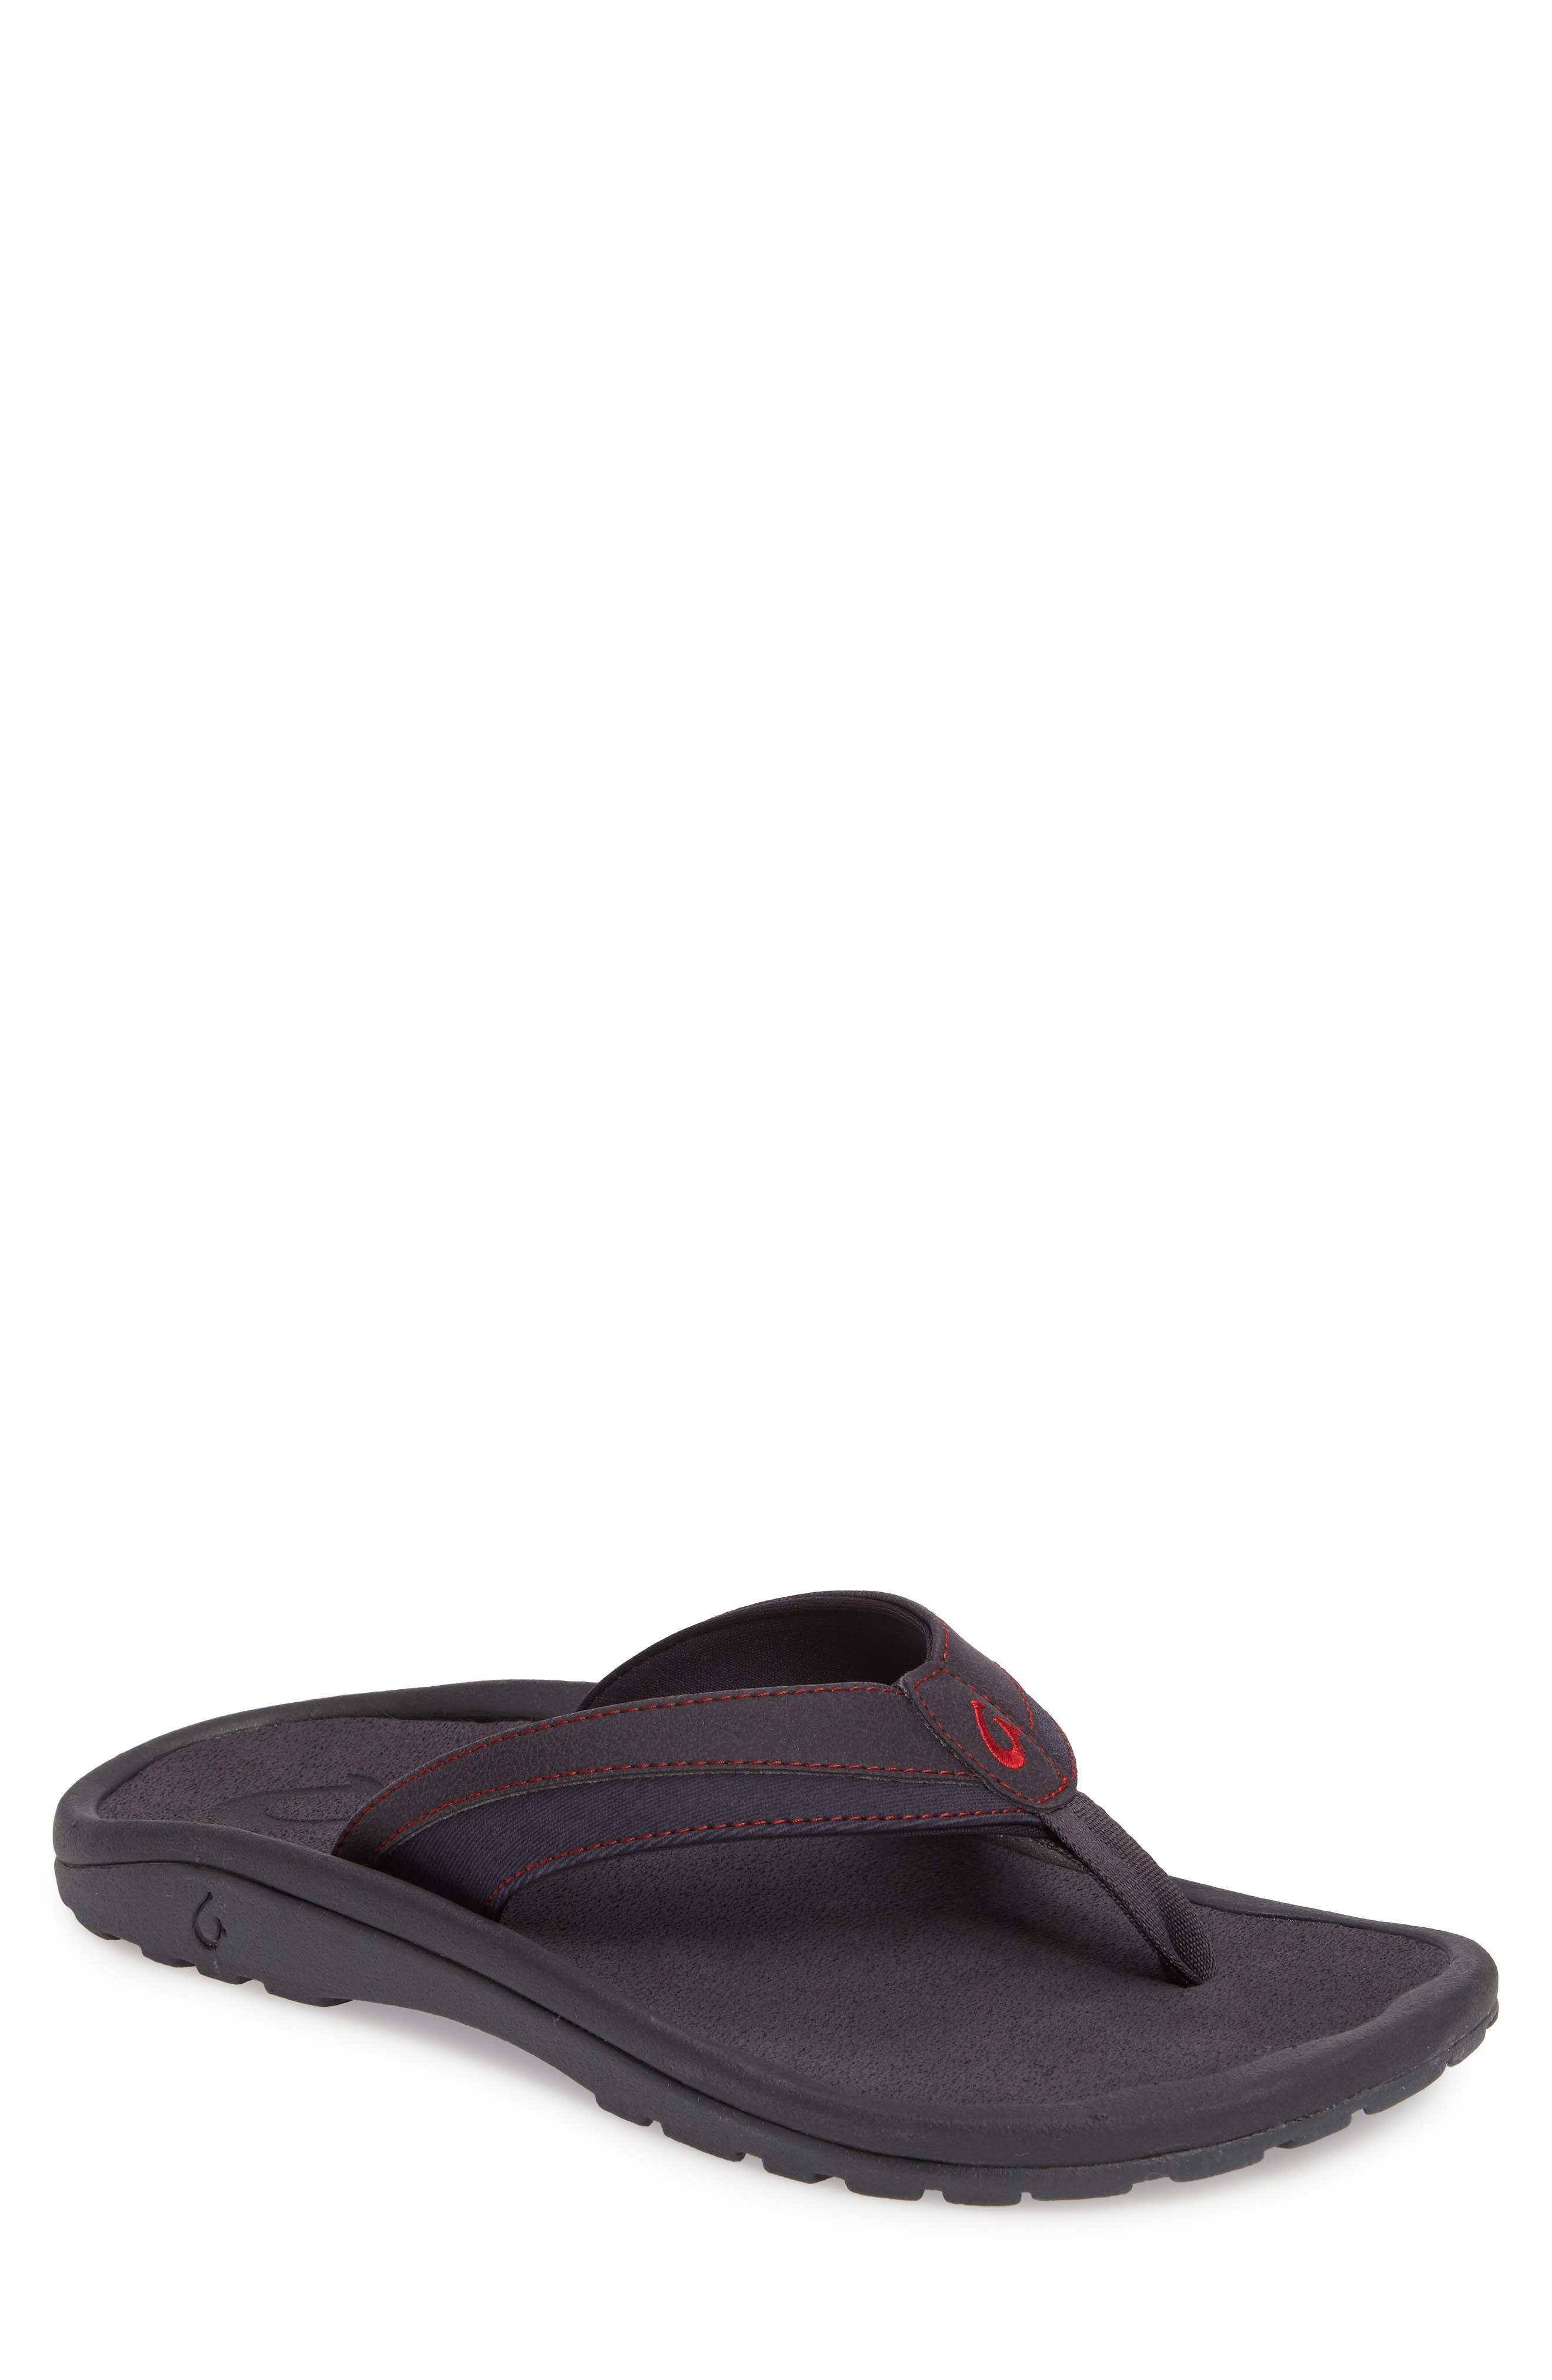 'Ohana Koa' Flip Flop,                         Main,                         color, Carbon/ Carbon